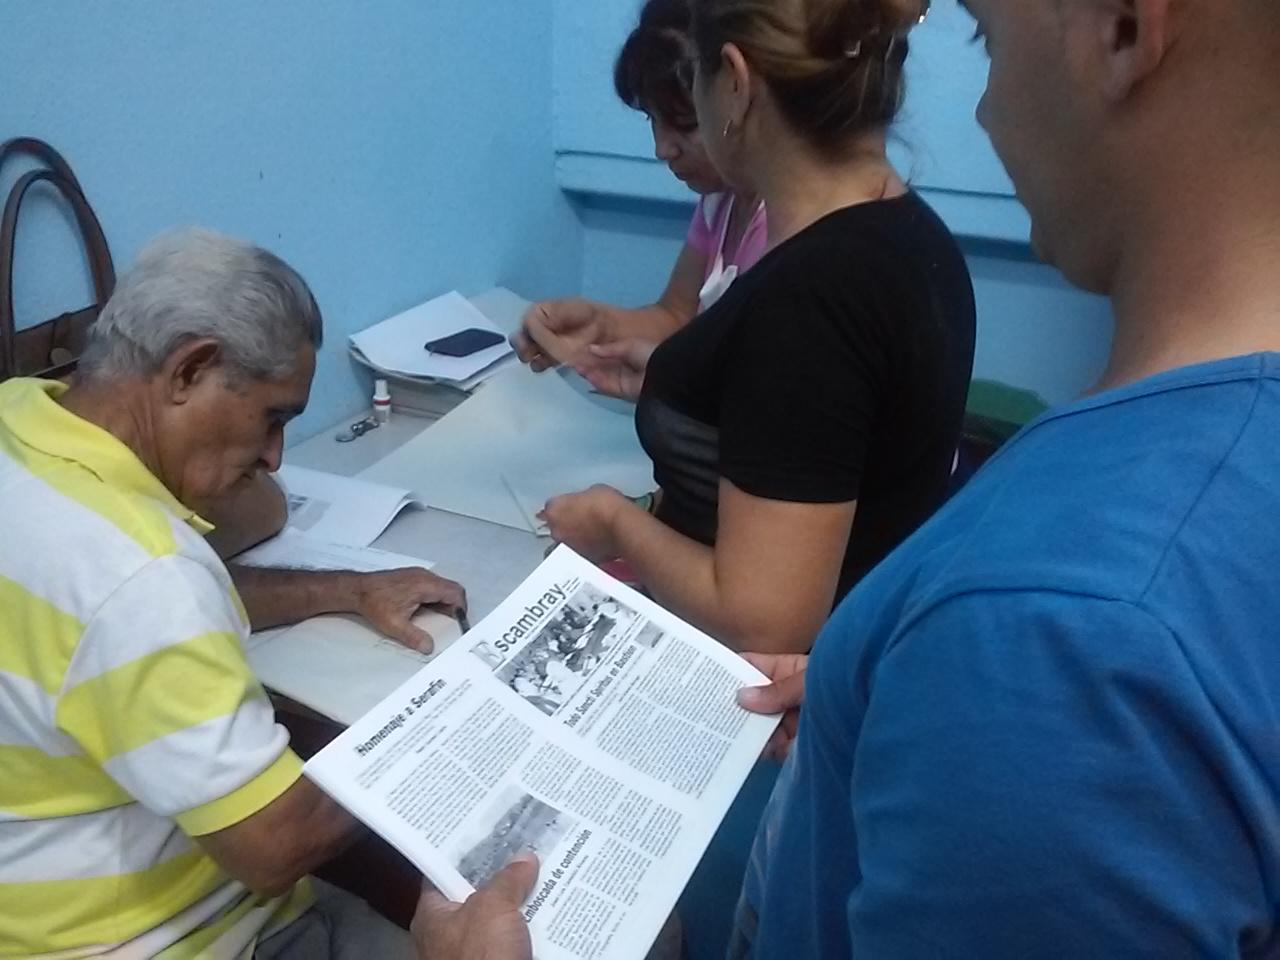 La edición para tiempo de guerra se distribuye a los participantes en el Bastión 2016. (Foto: Gisselle Morales/ Escambray)